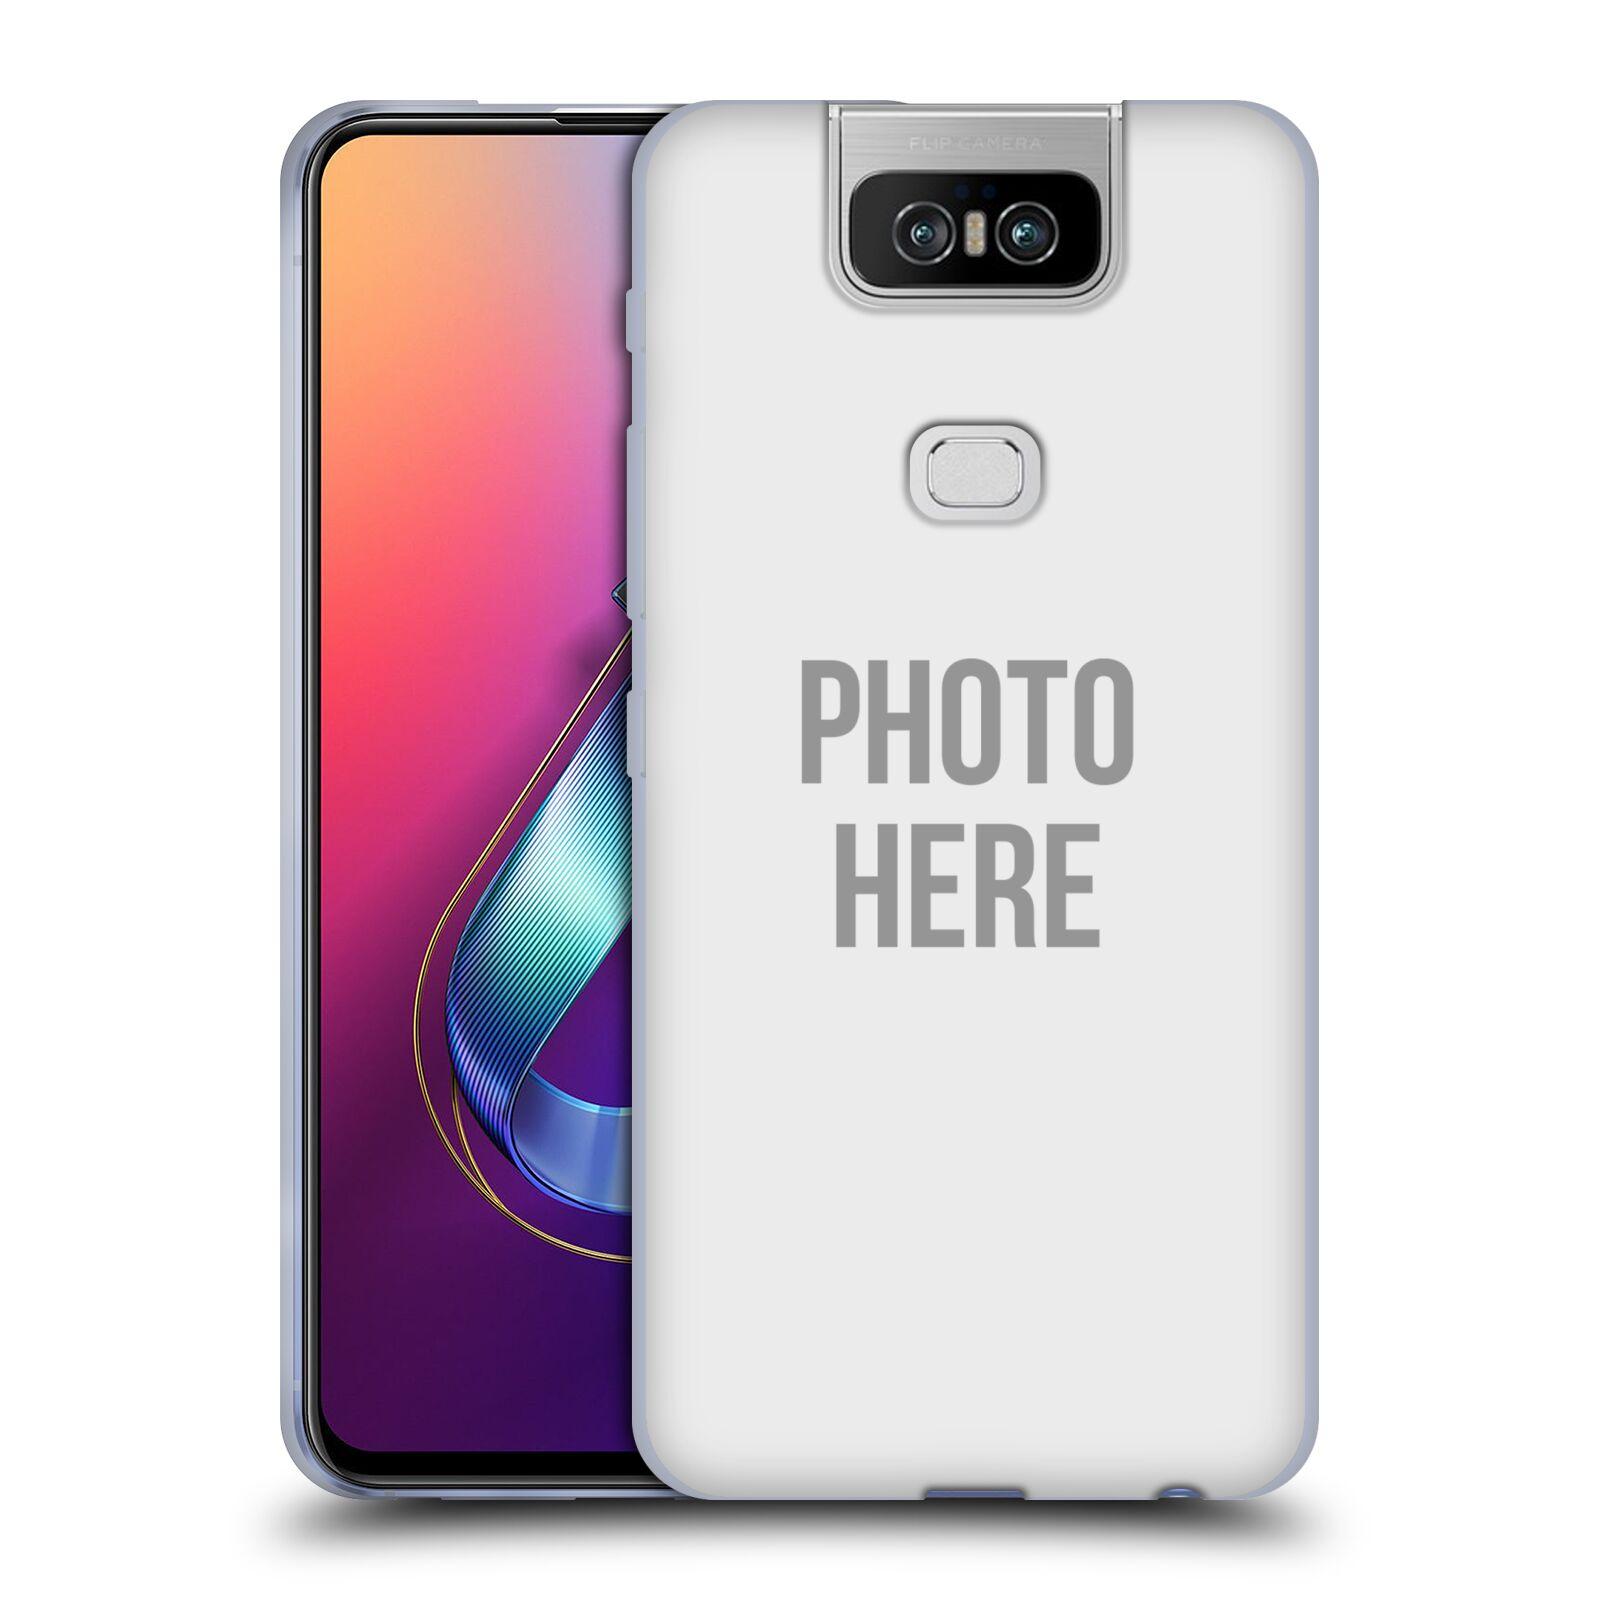 Silikonové pouzdro na mobil Asus Zenfone 6 ZS630KL - Head Case - s vlastním motivem